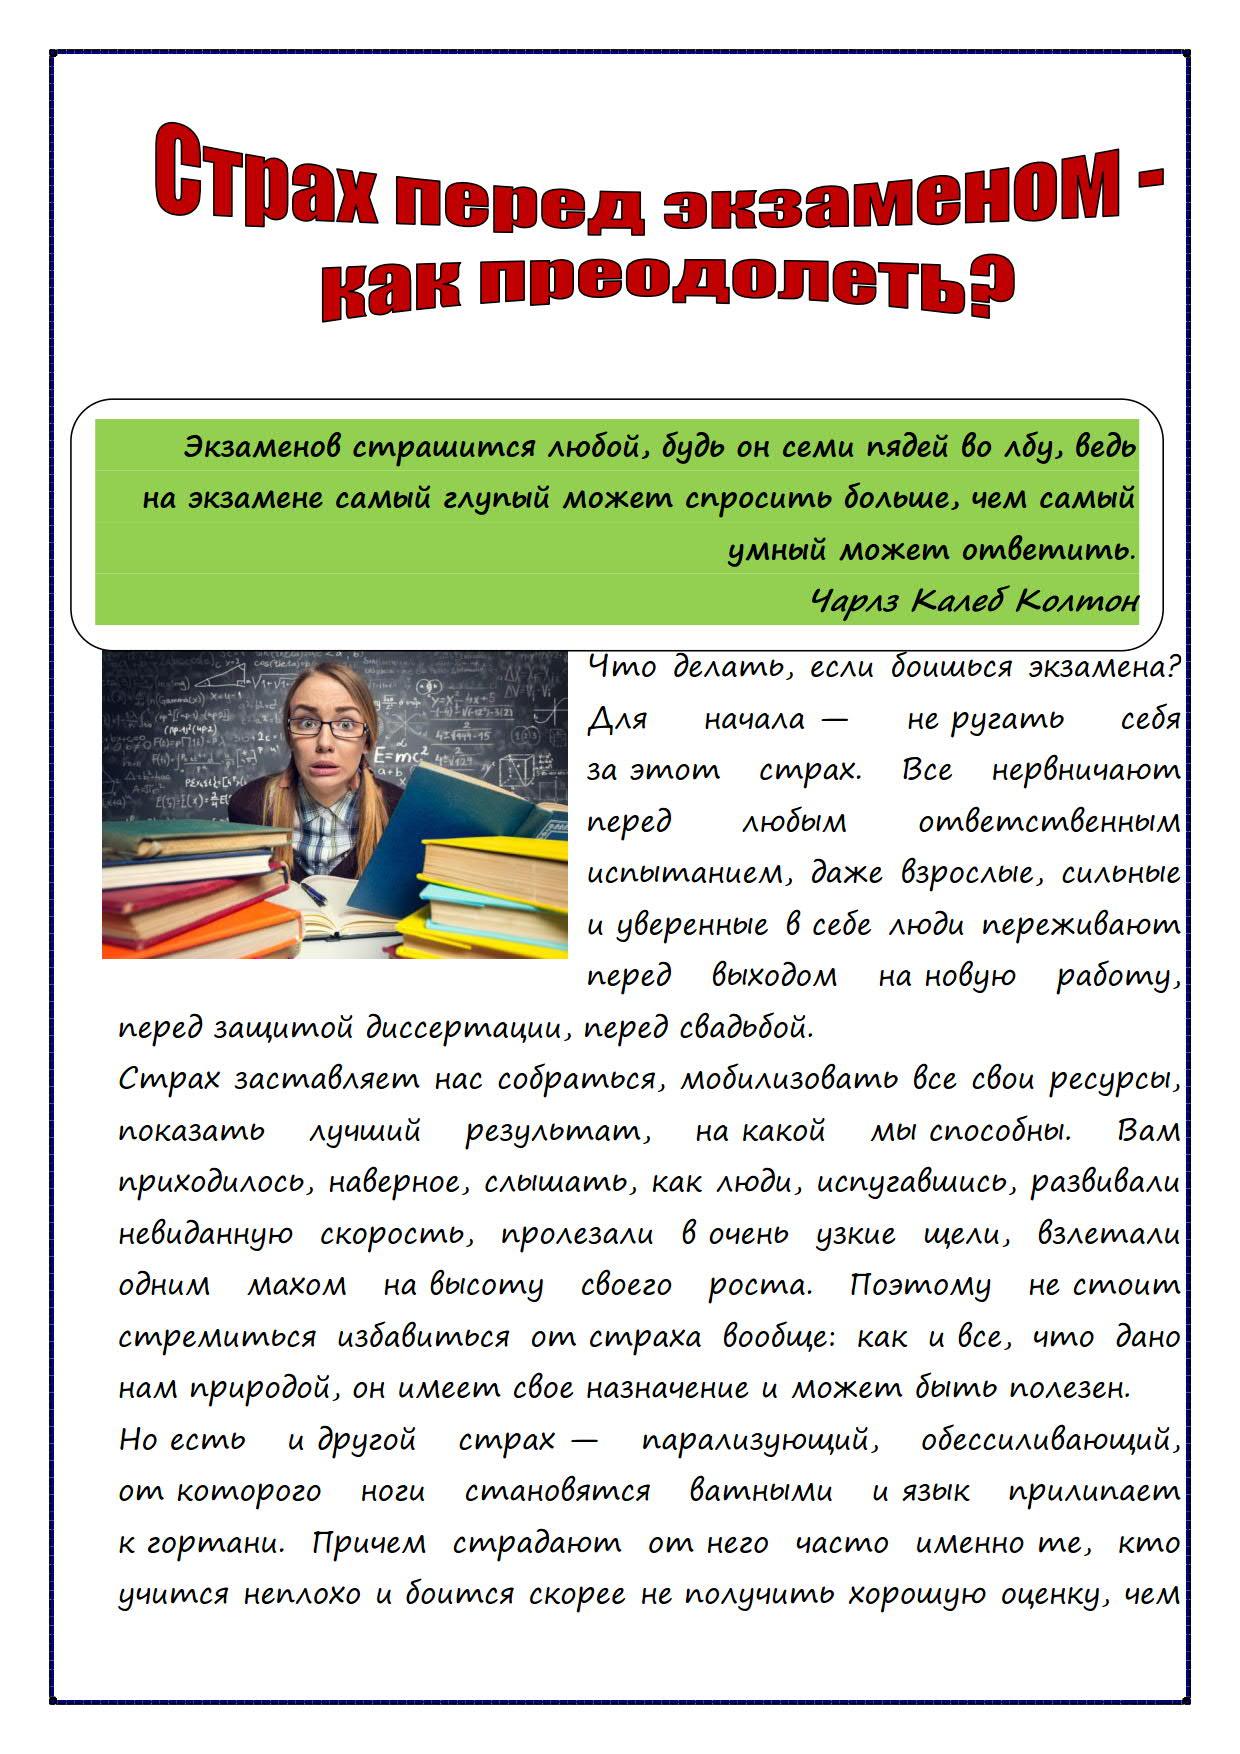 ПЕДАГОГ - ПСИХОЛОГ РЕКОМЕНДАЦИИ СТРАХ ПЕРЕД ЭКЗАМЕНОМ_1